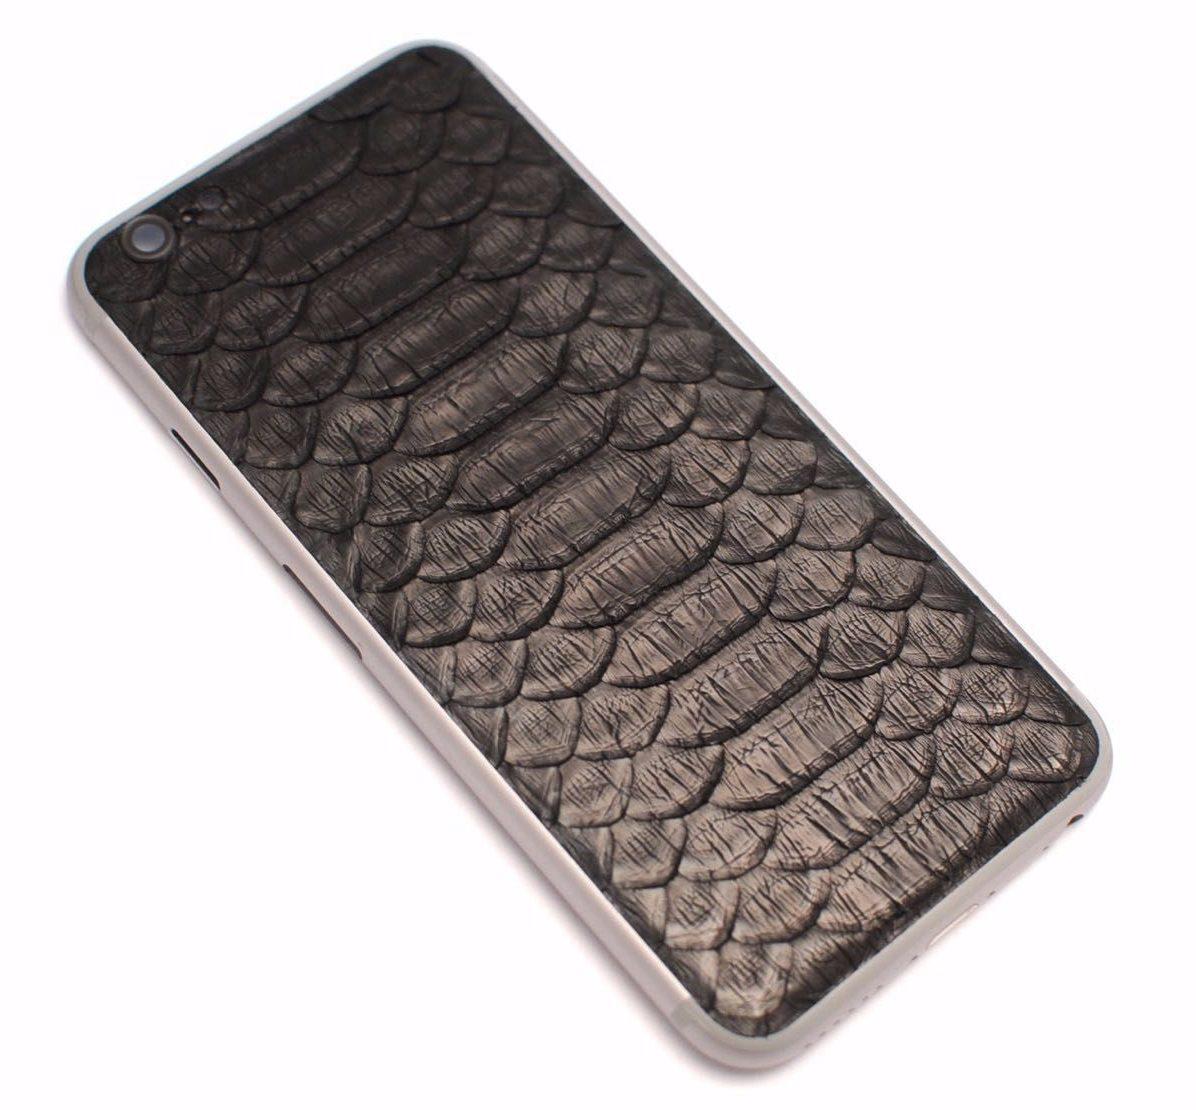 e6a3baa5b79818880f4d49129384-sumki-i-aksessuary-korpus-iphone-6-iz-kozhi-pitona